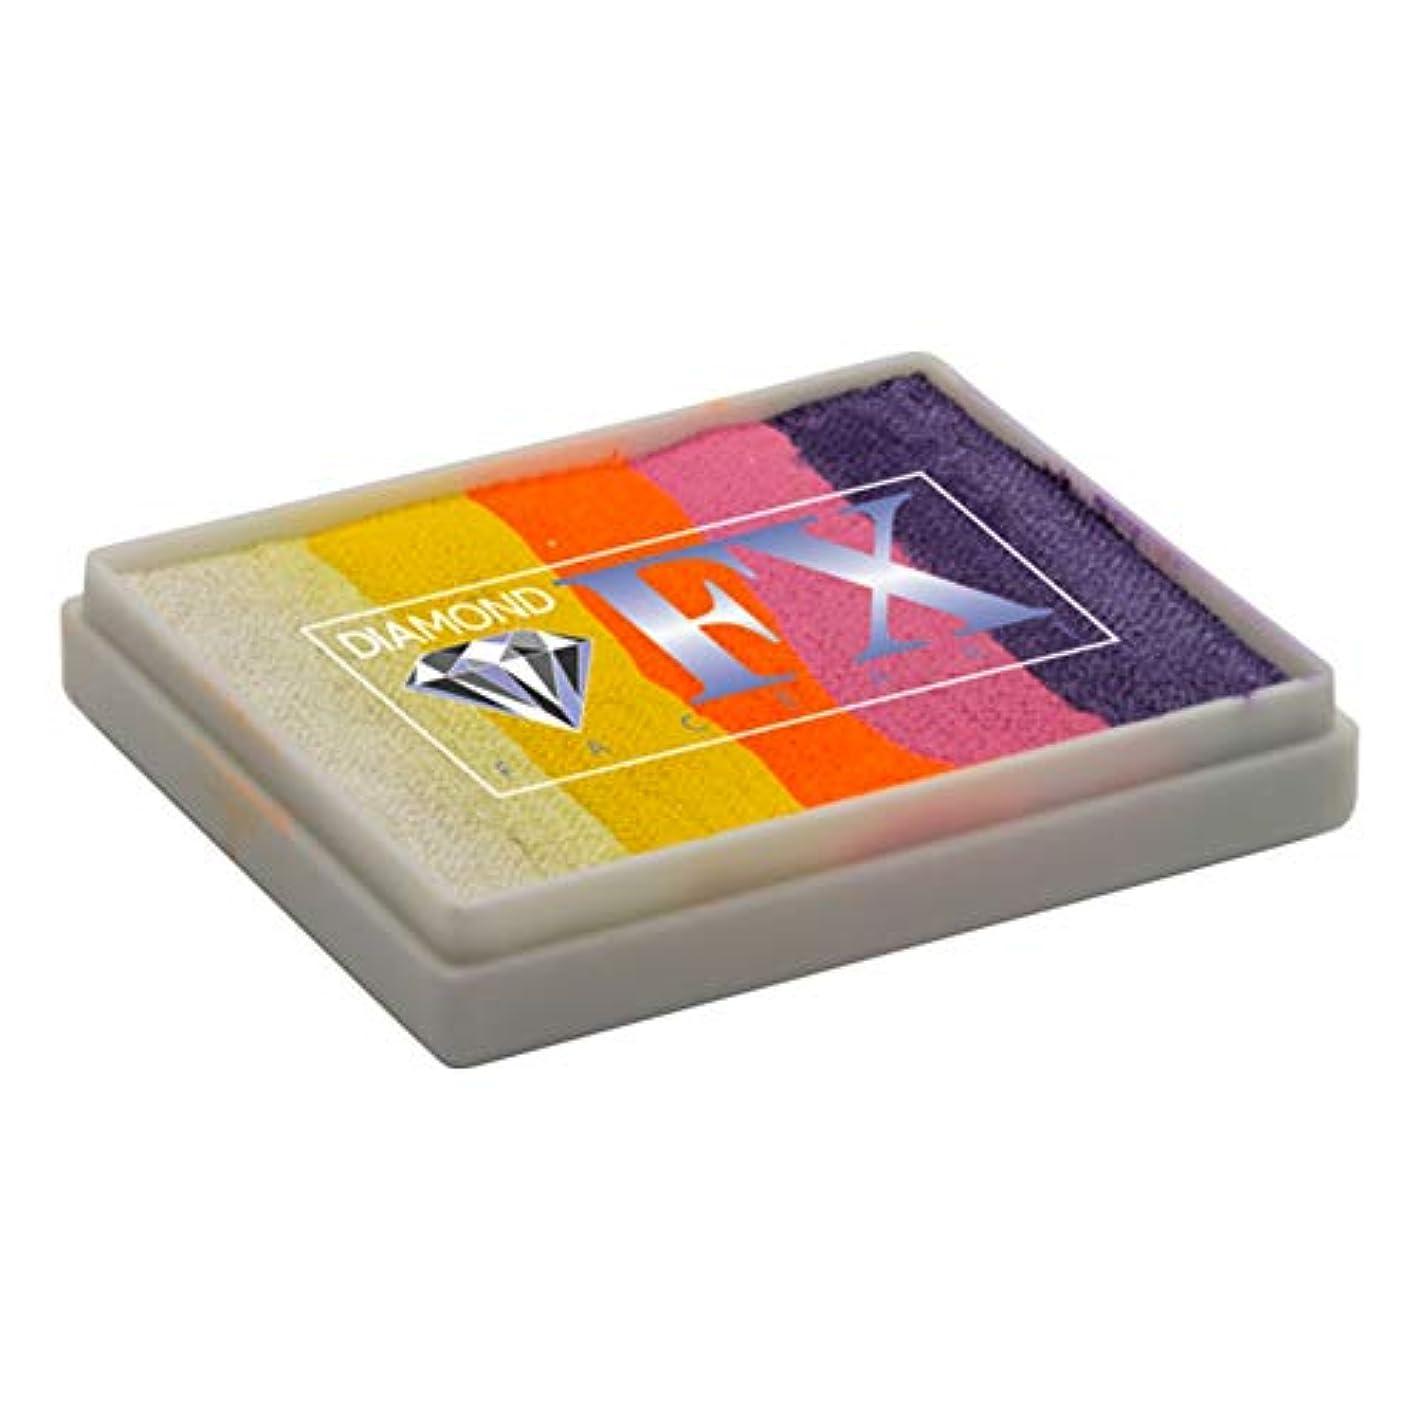 マントル不利益出発ダイアモンドFXスプリットのケーキ - アイランドフィーバーRS50-25、プロ品質のフェイスレインボーケーキ、水の活性化フェイスペイント、1.76オンス/ 50グラム絵画